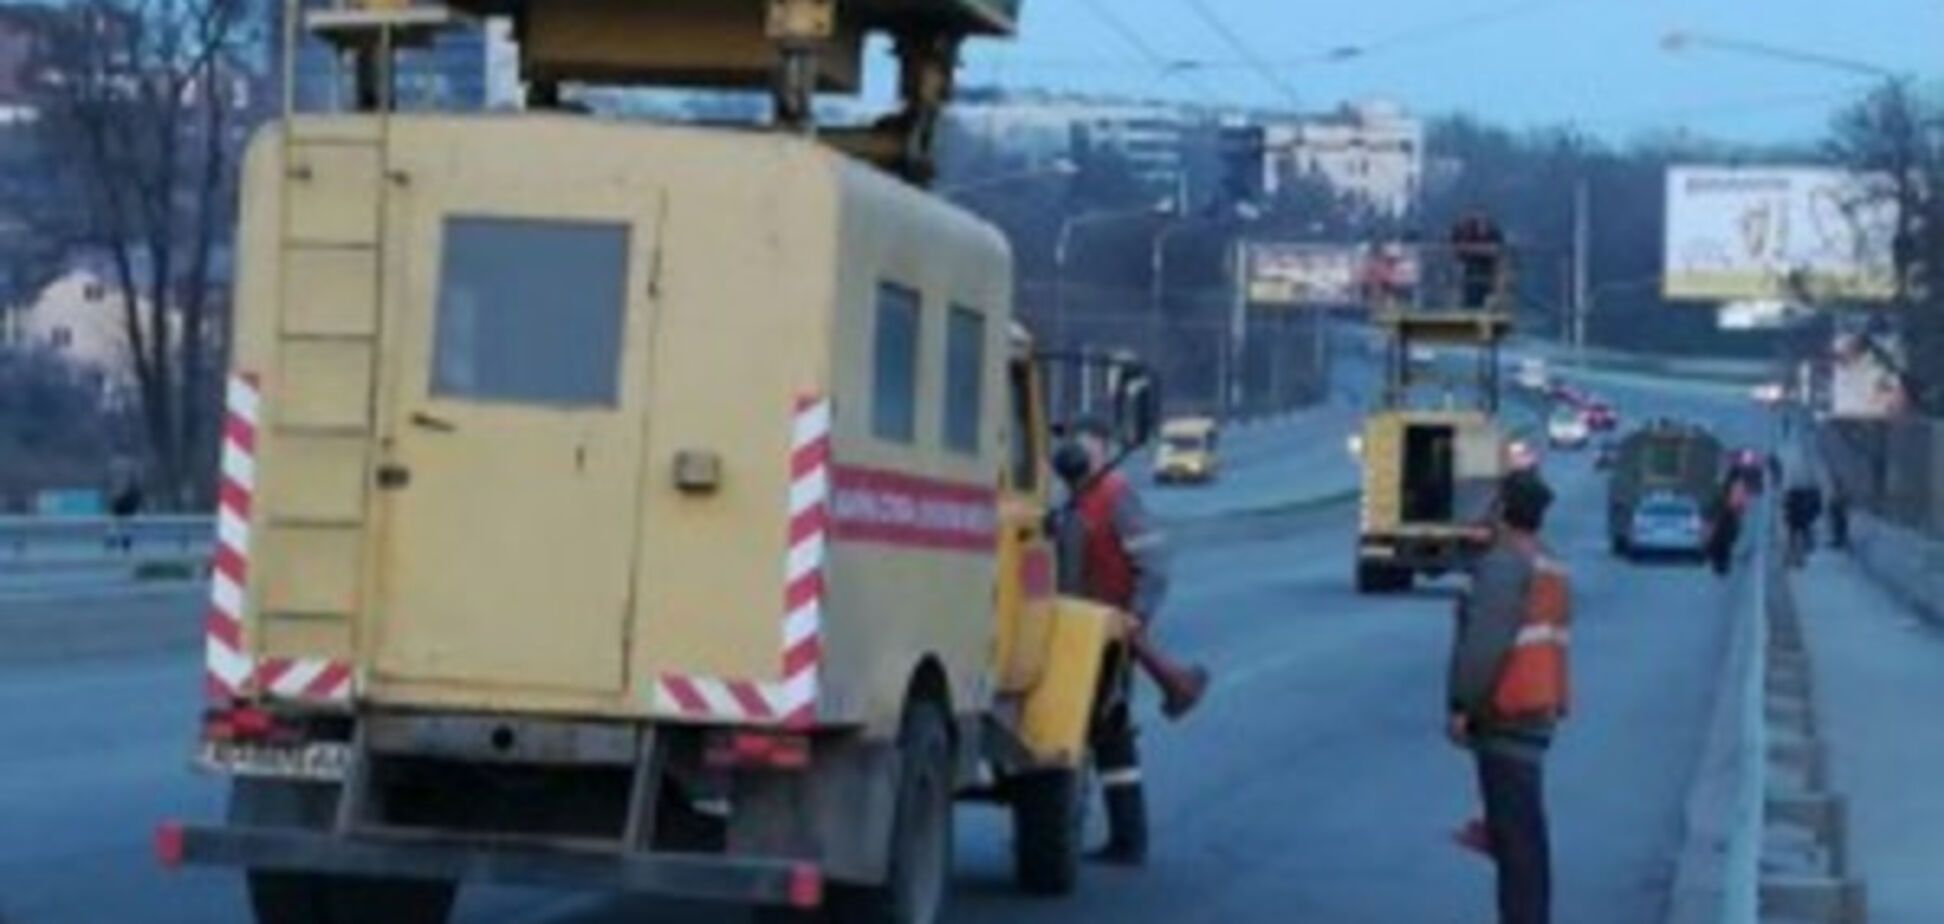 Очередное ДТП на запорожской дамбе: есть пострадавшие (ФОТО)